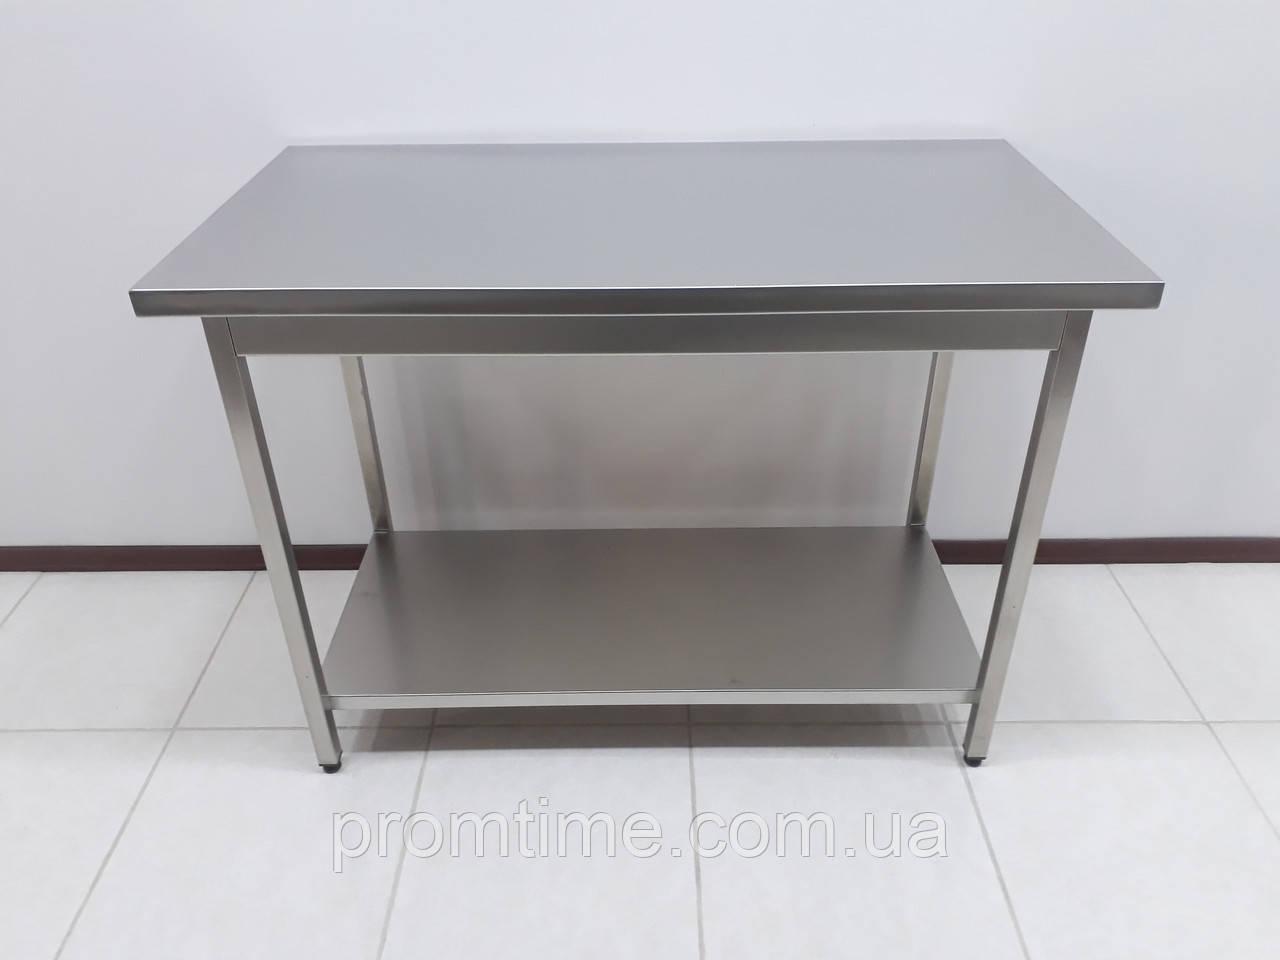 Стол производственный из нержавеющей стали 1200х600х850